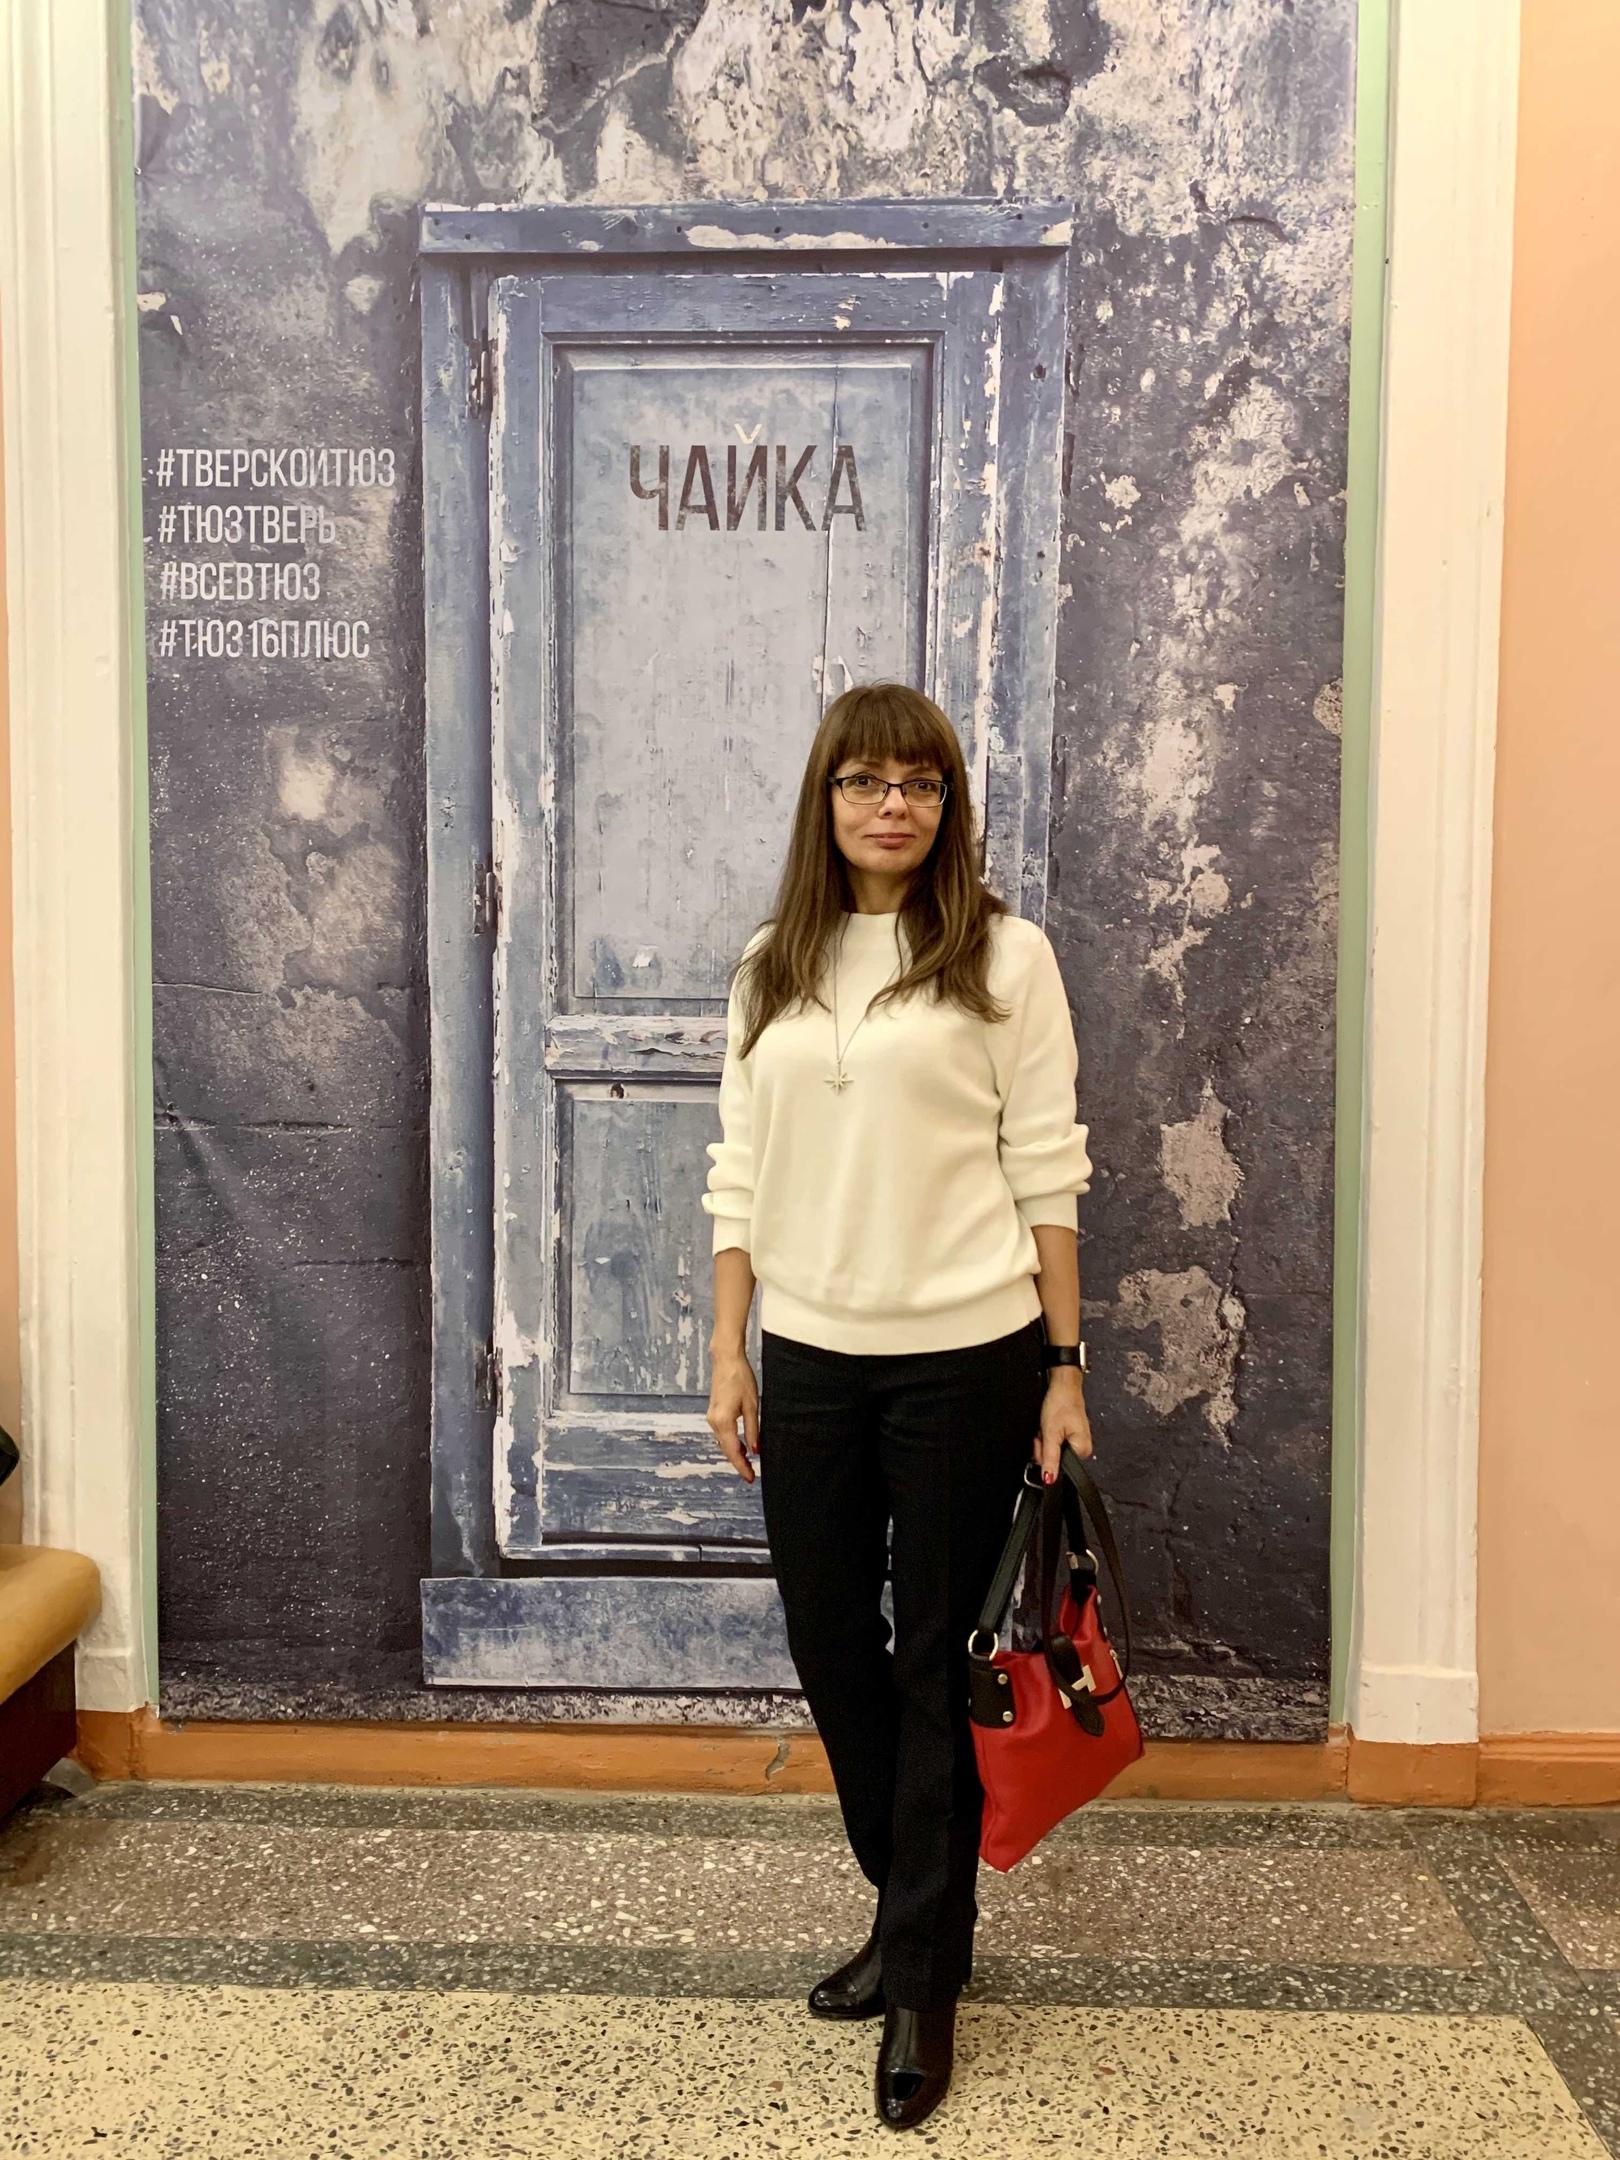 Галина Андреенко: Самым заметным результатом стали дороги